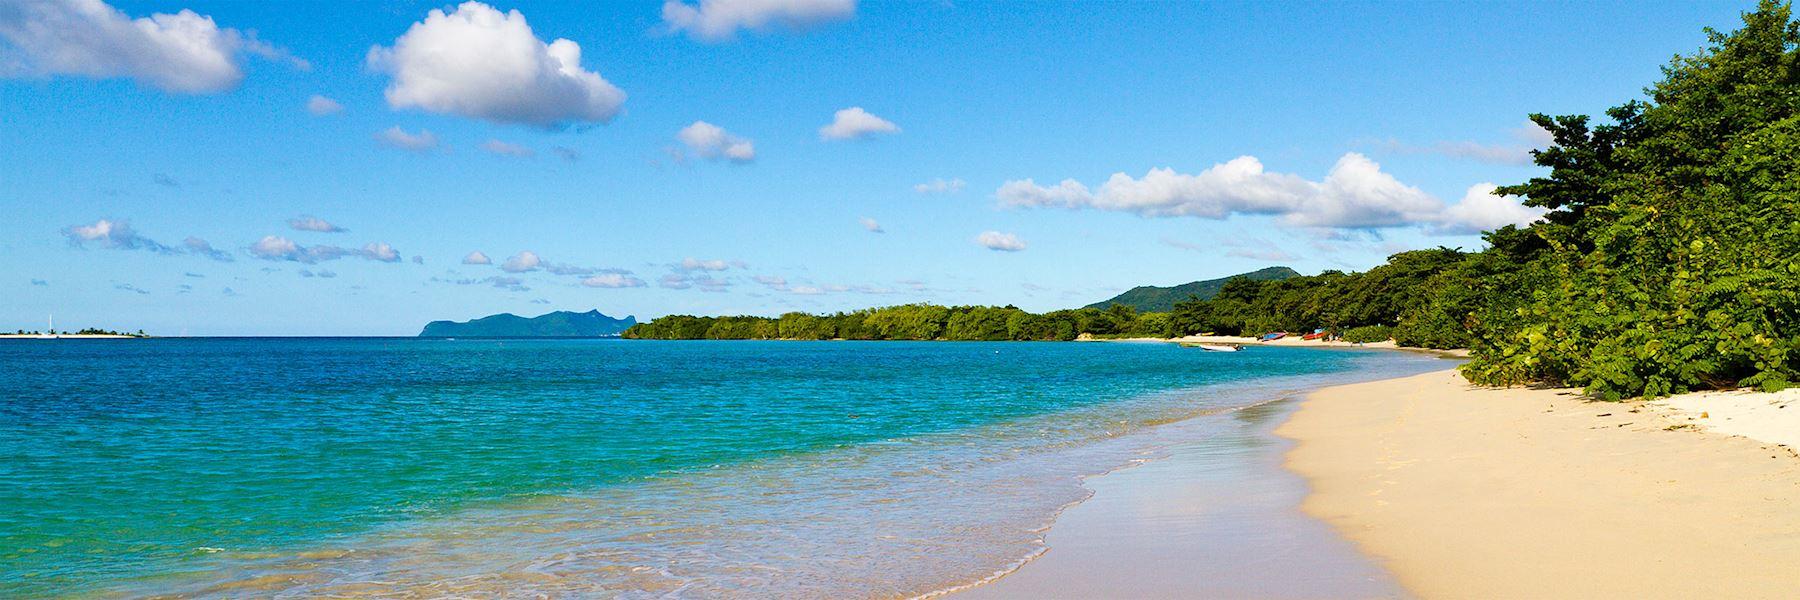 Grenada holidays  2019 & 2020